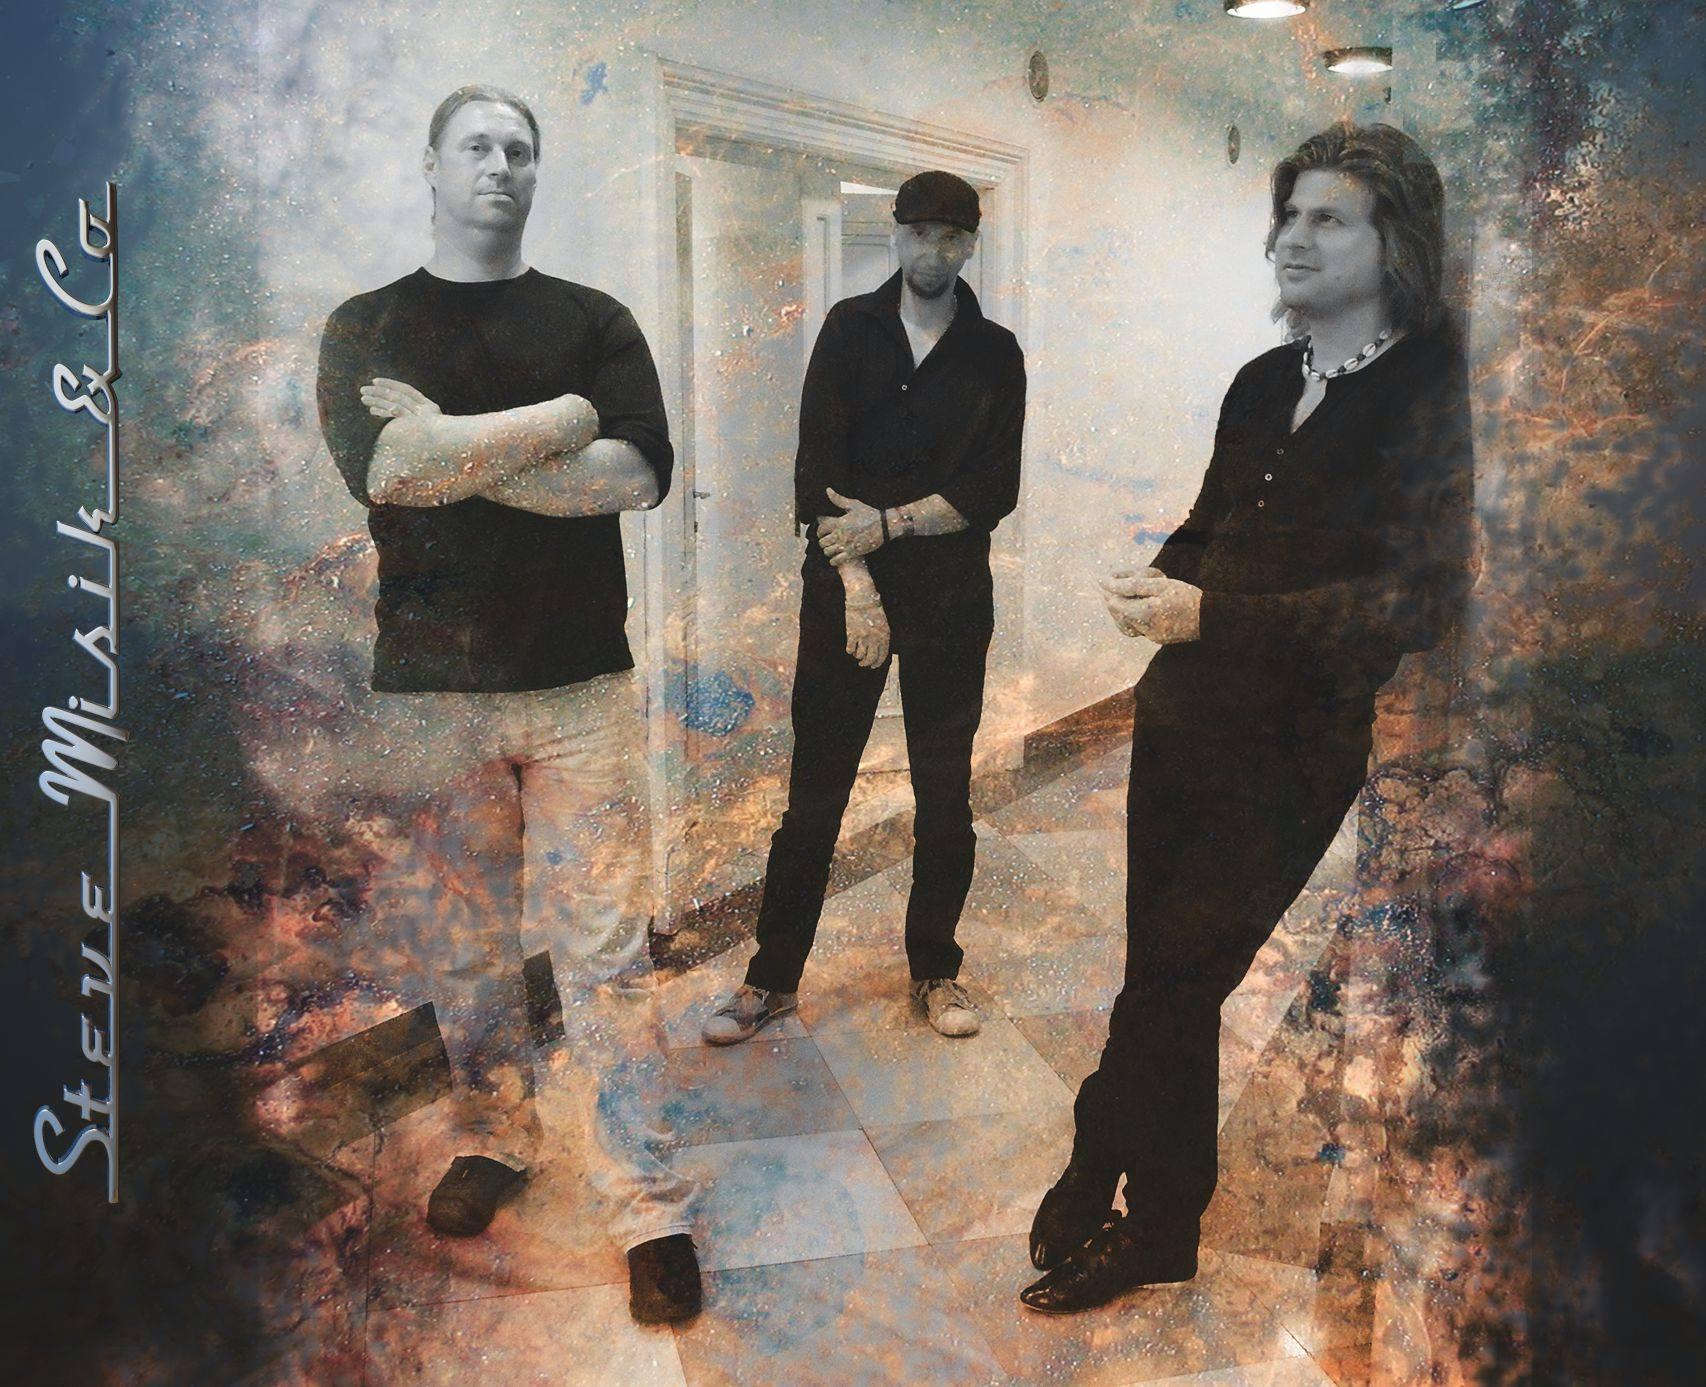 Steve Misik & Co. CD cover inside